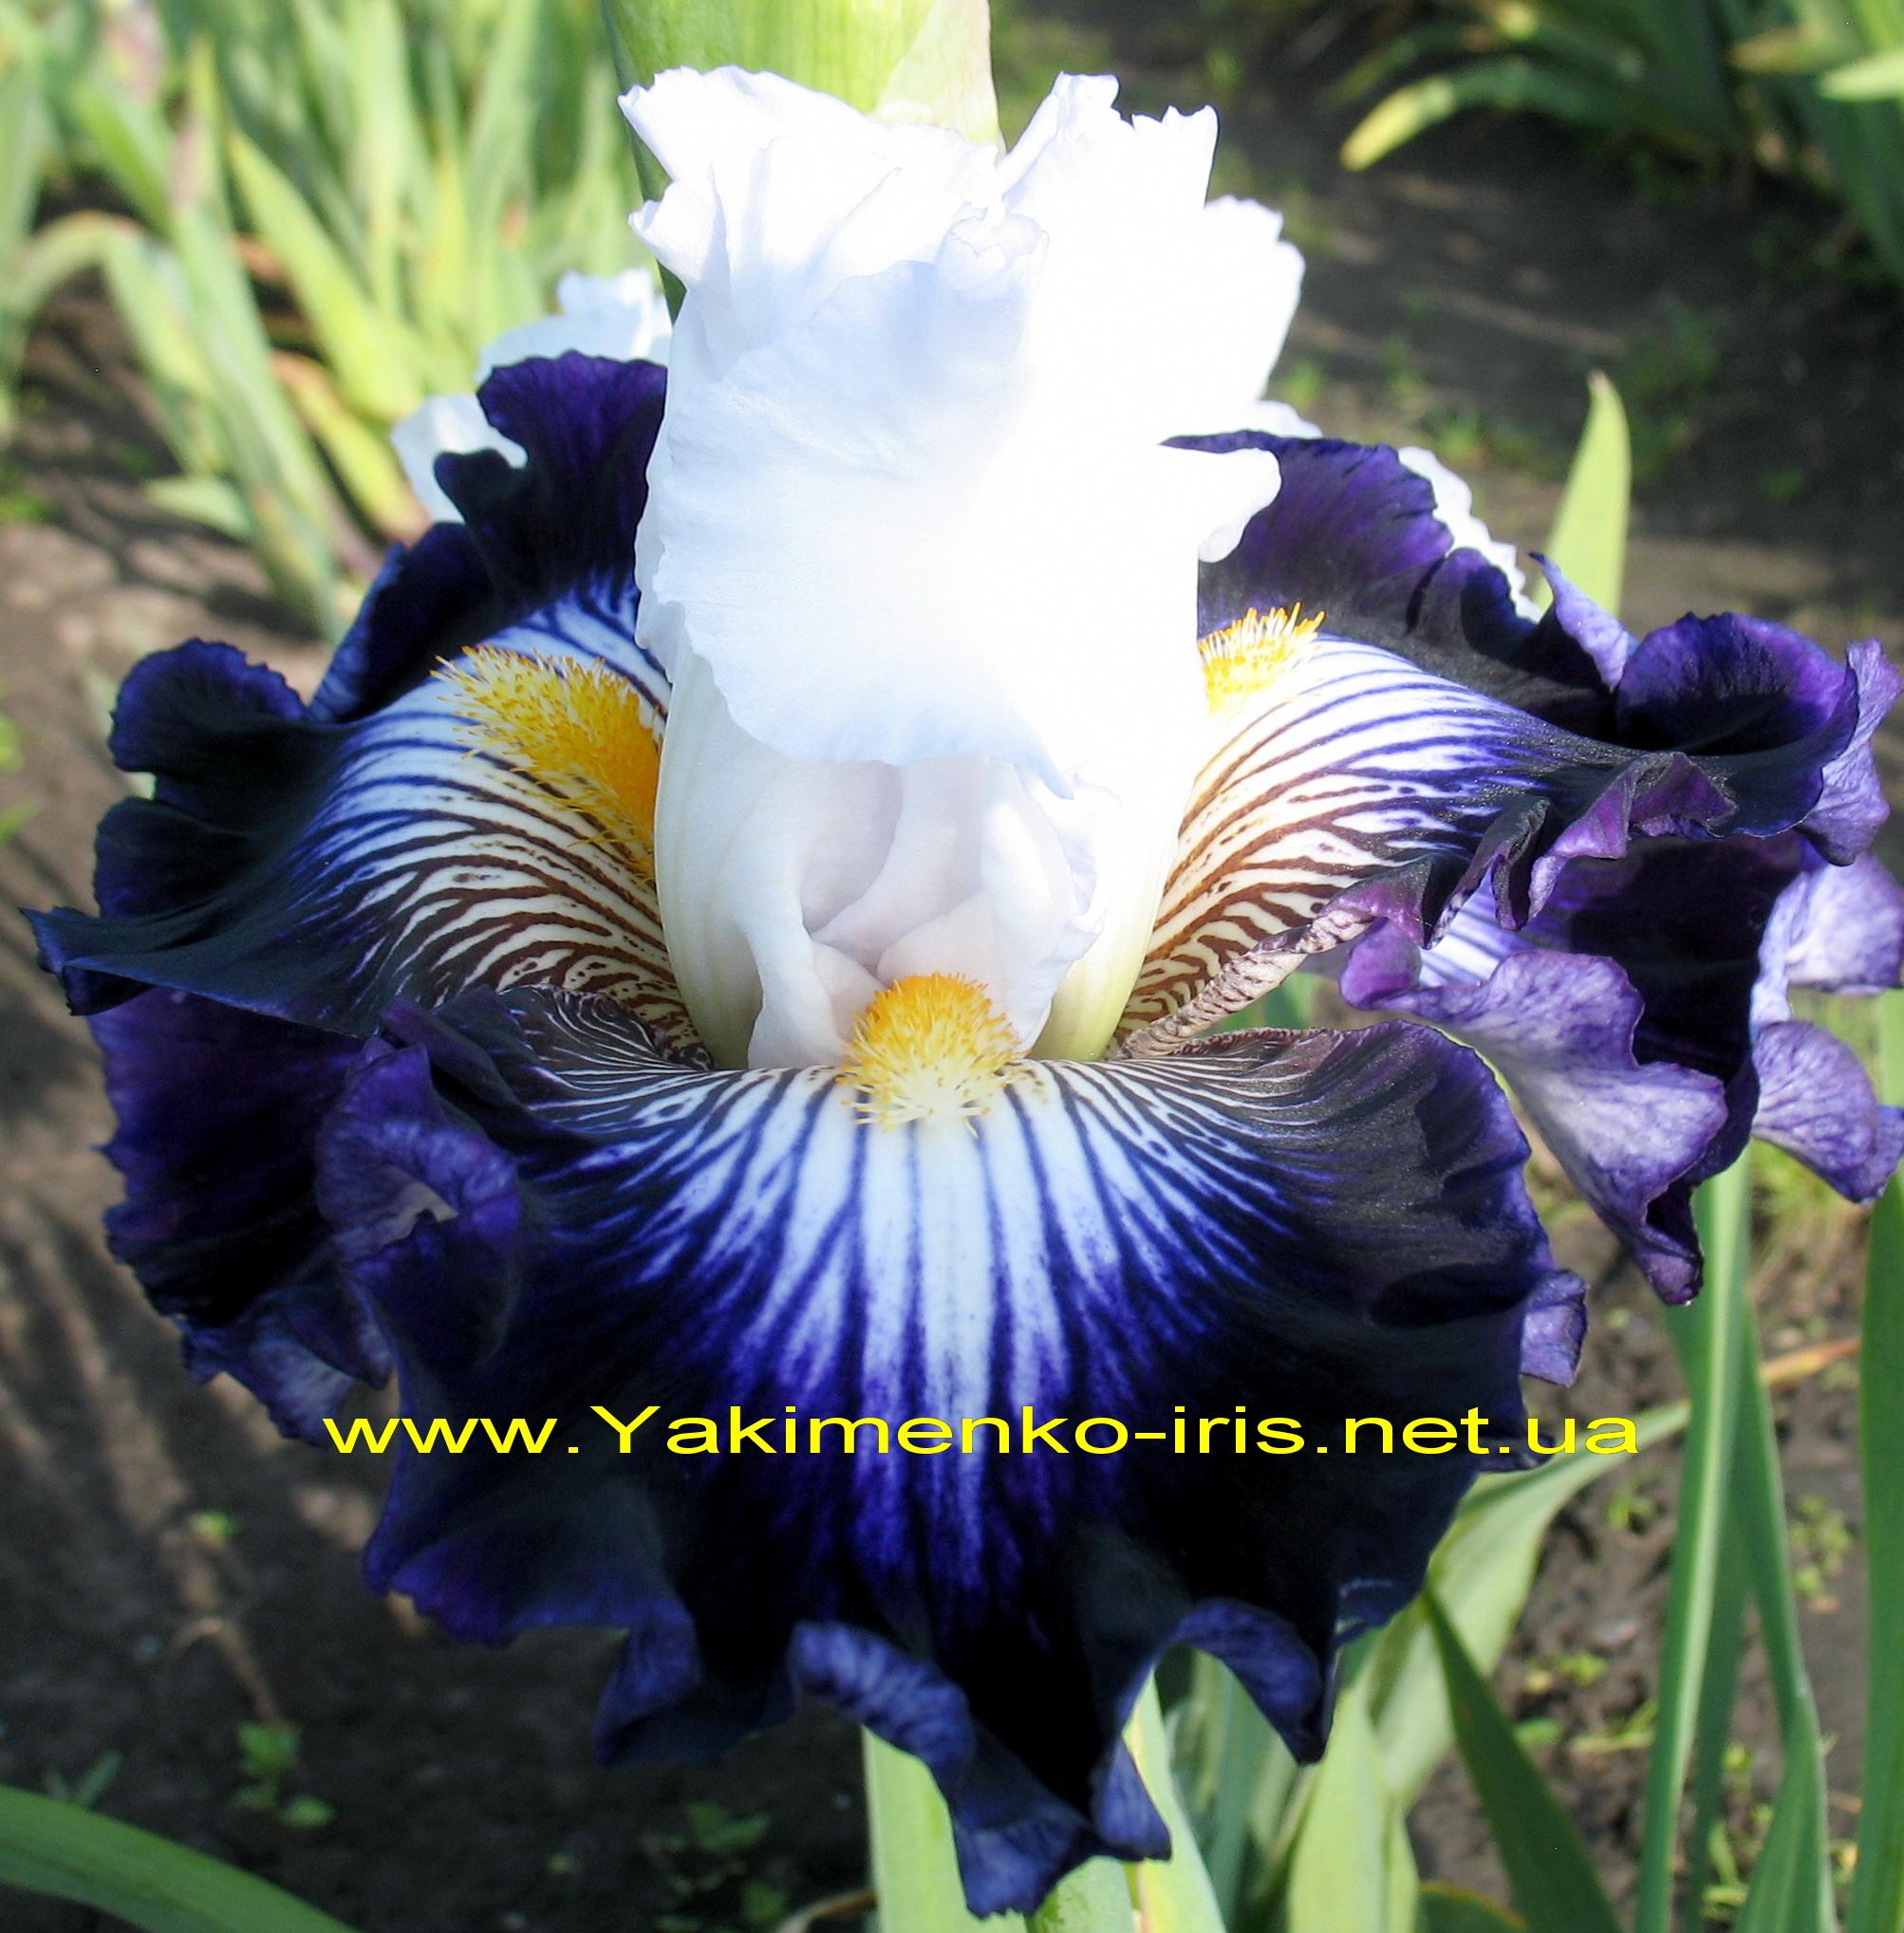 Купить посадочный материал цветы ирисы березники доставка цветов